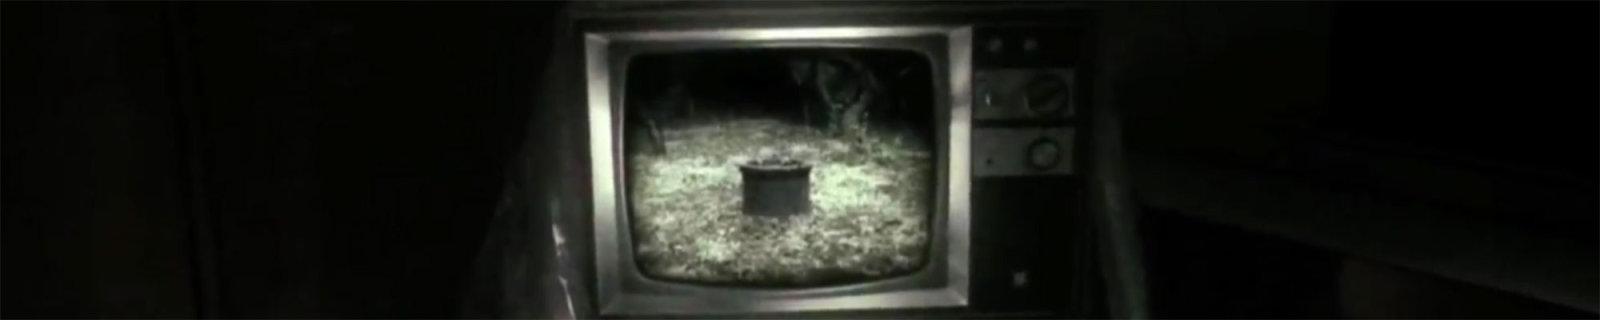 贞子大战伽椰子的电影竟然成真了!